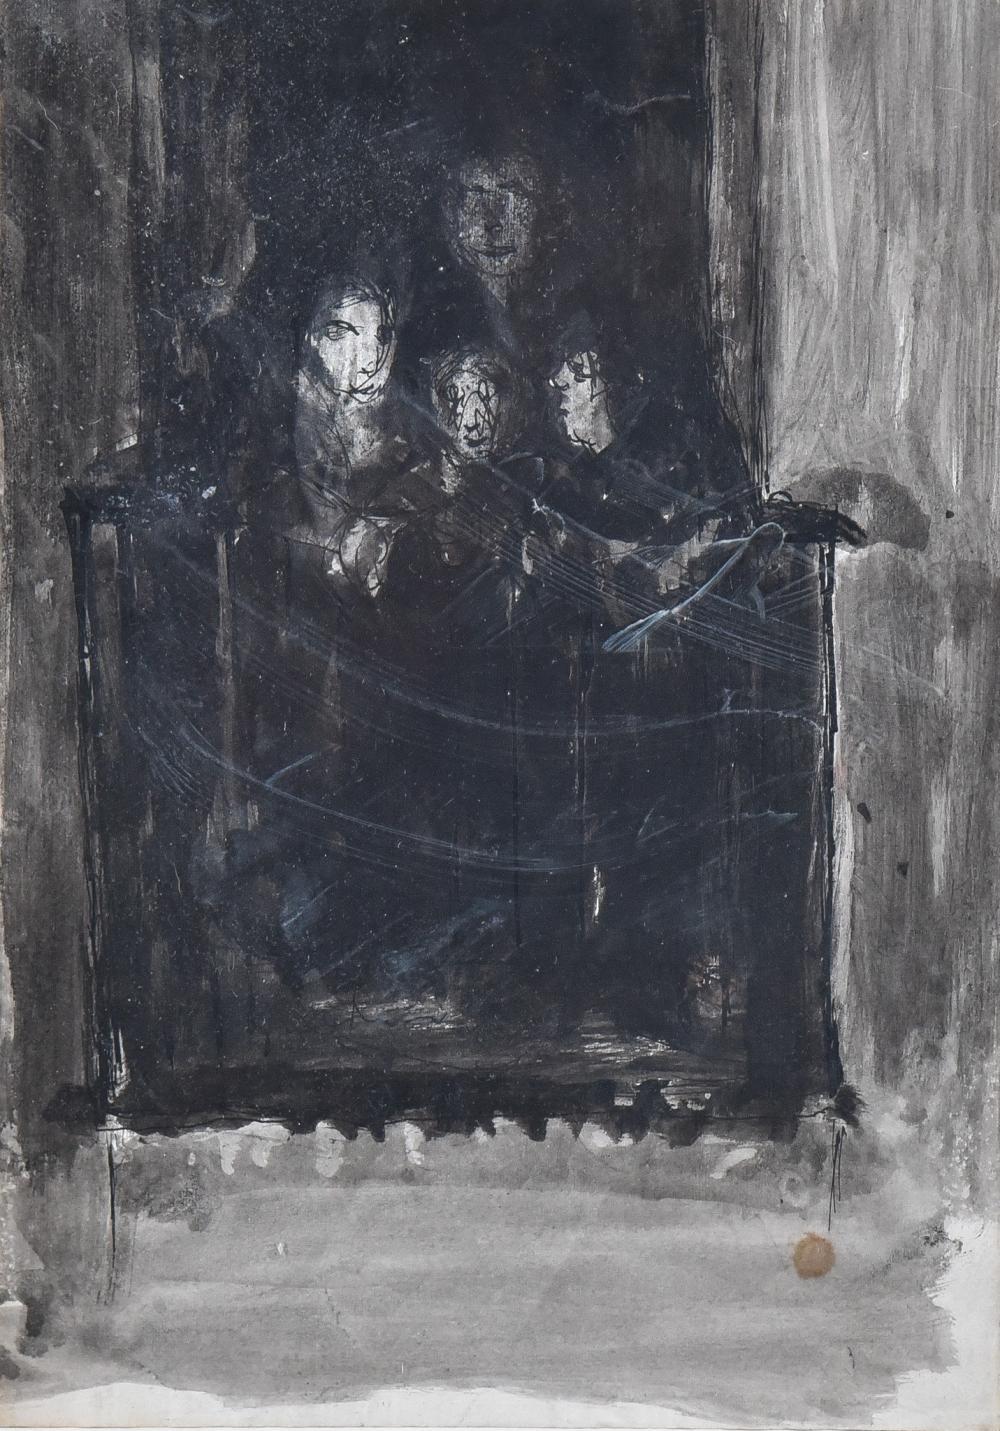 Marjorie Organ Henri, New York/Ireland (1886-1931), Figures in a Doorway, ink on paper, 12 3/8 x 8 3/4 inches